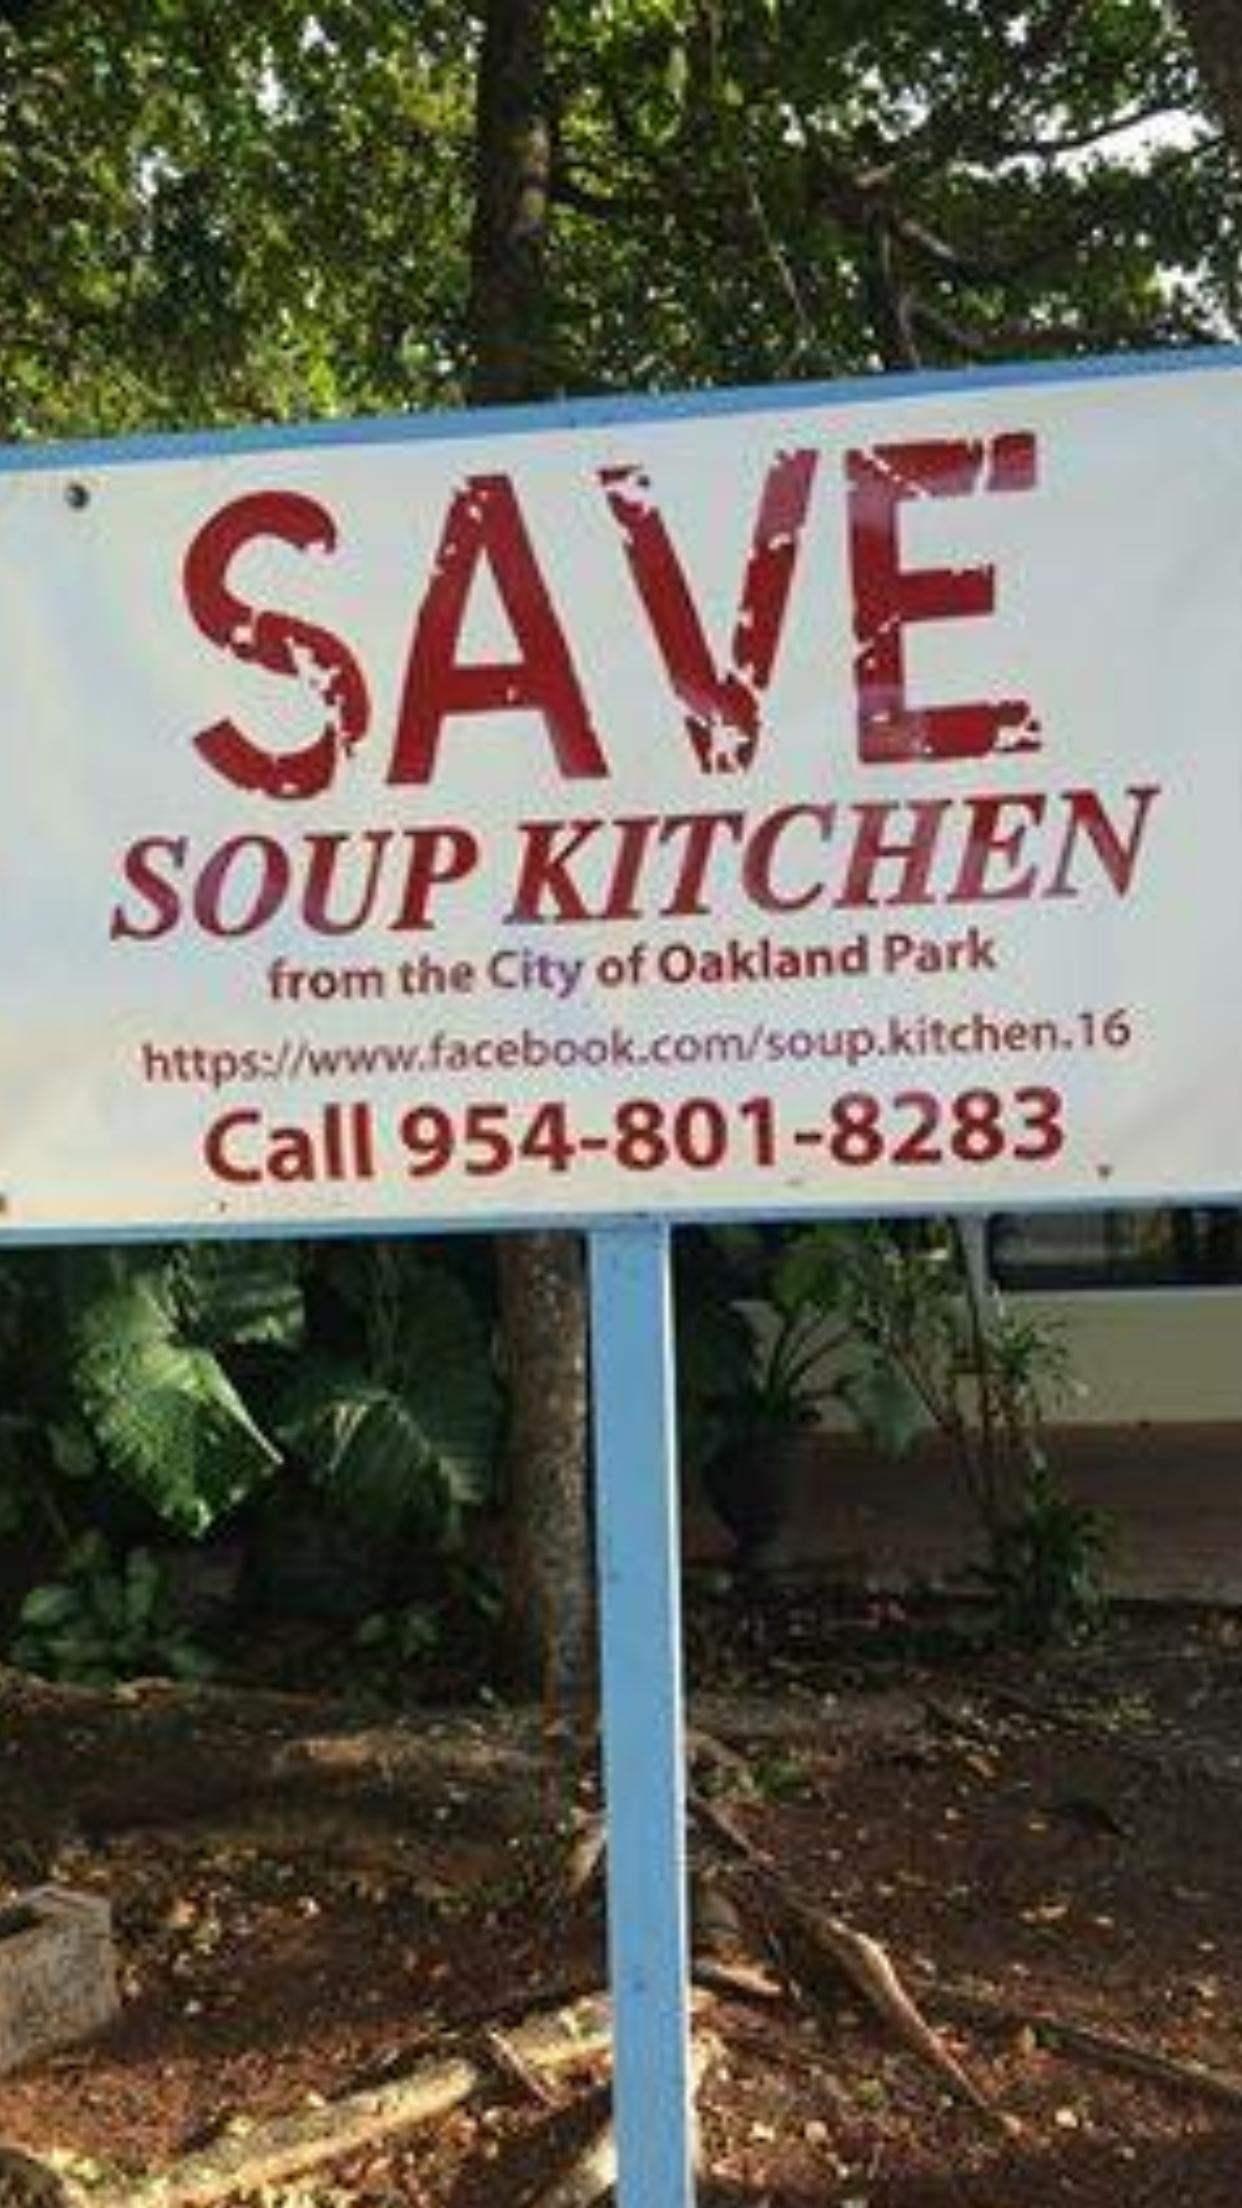 40+ Soup kitchen oakland ideas in 2021